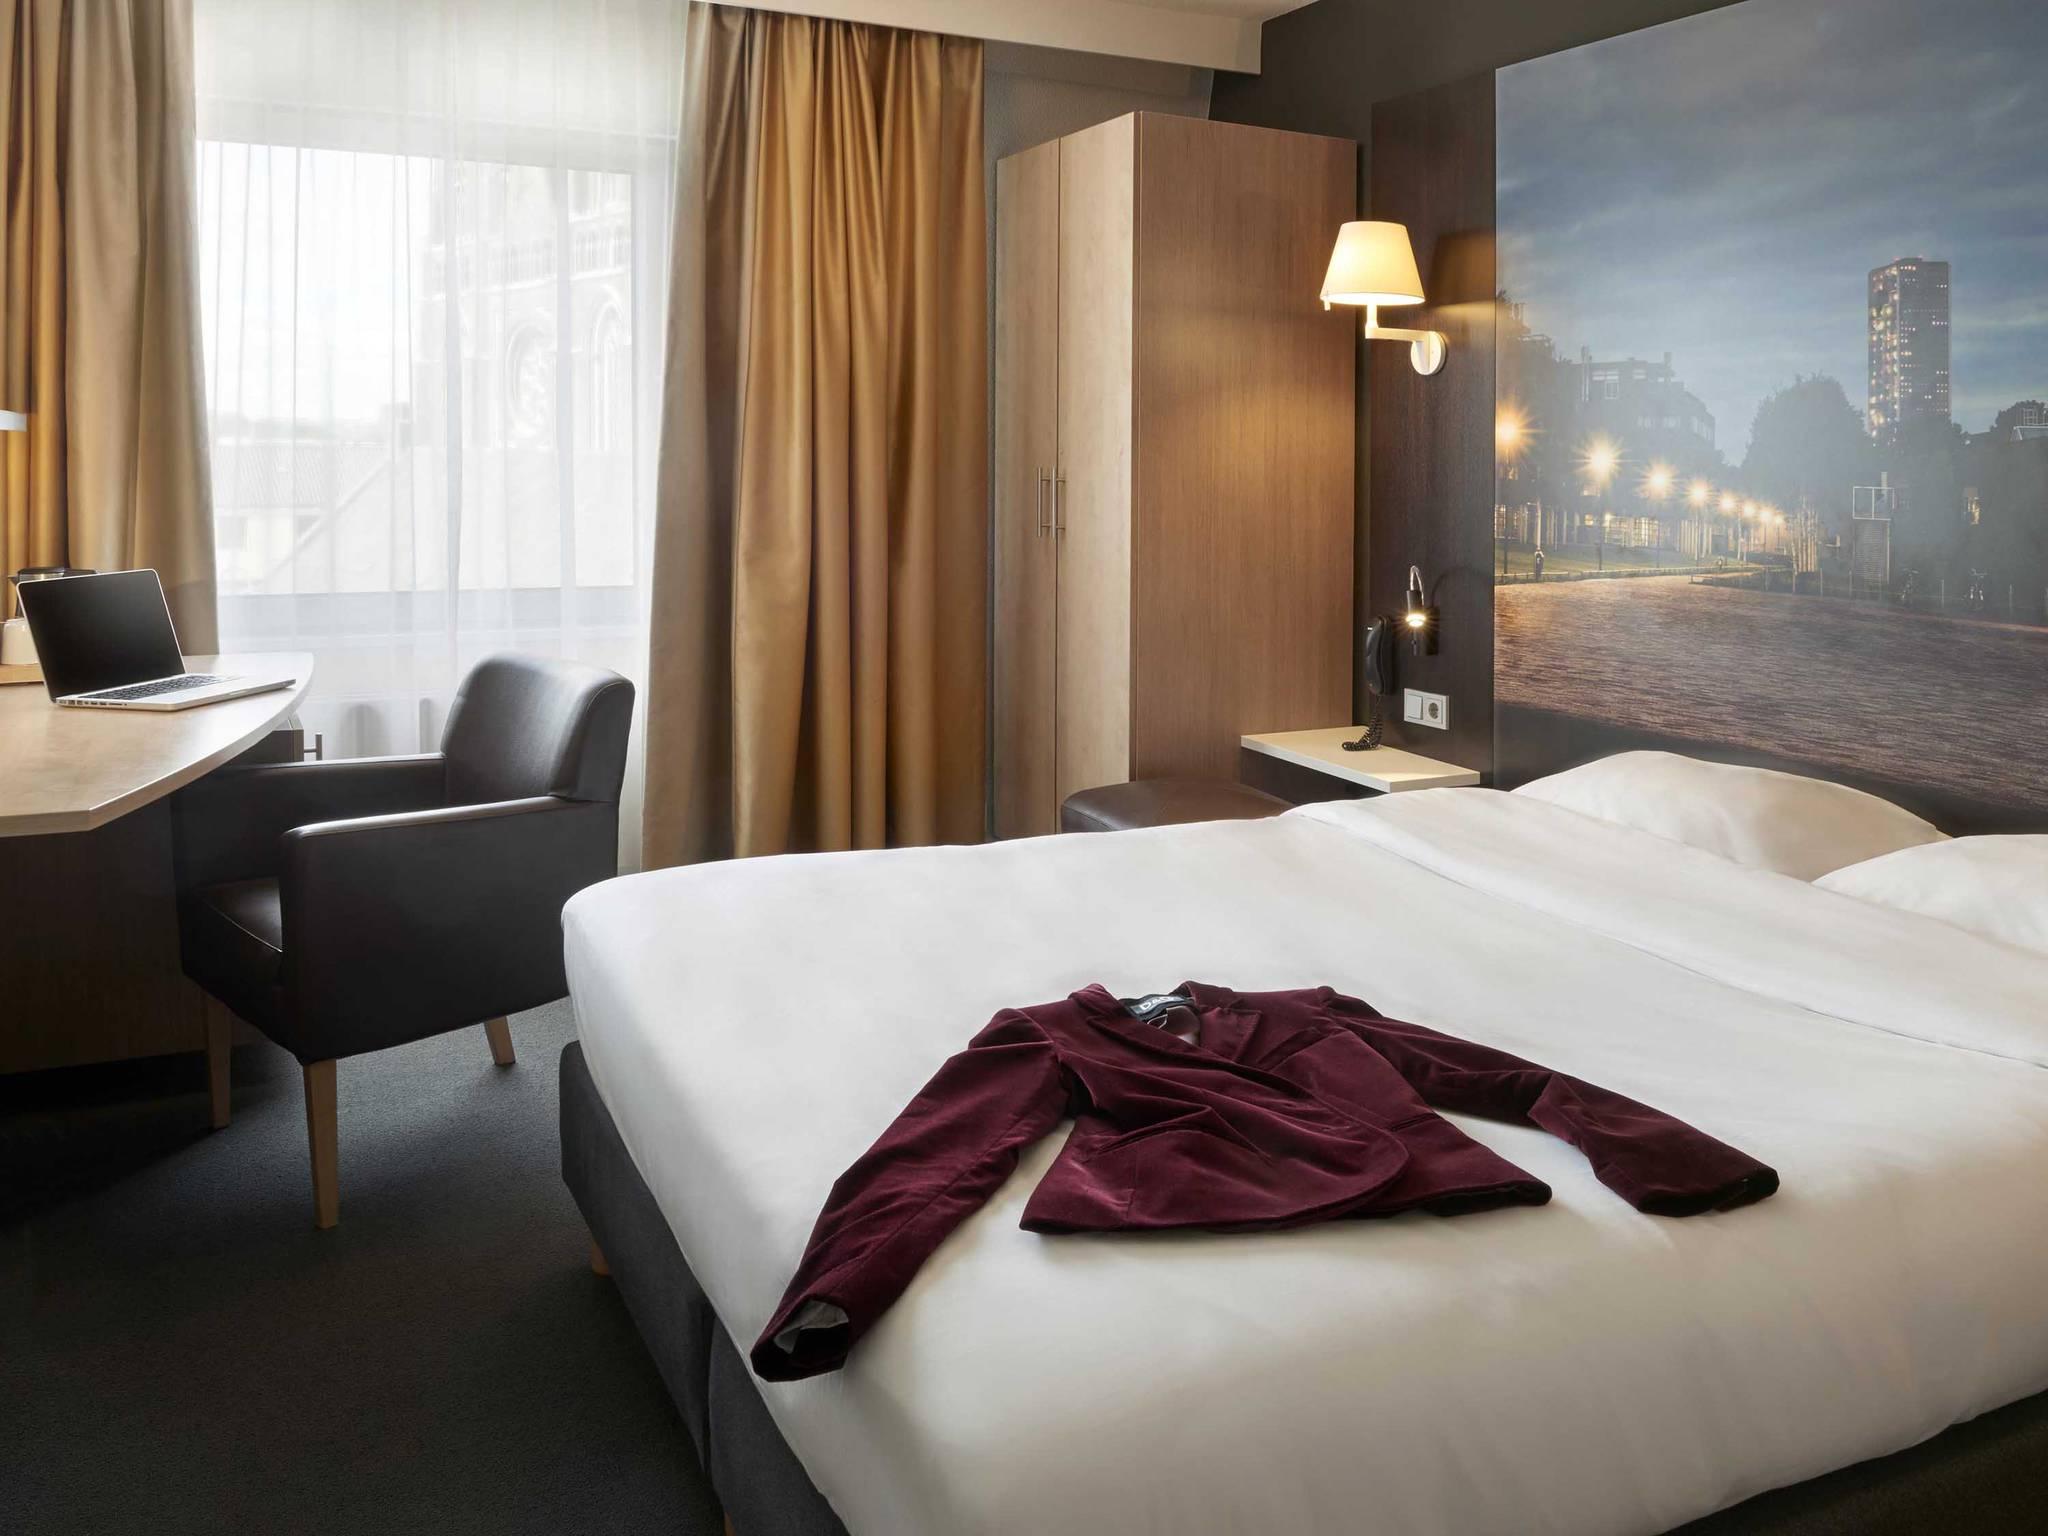 Hotell – Mercure Hotel Tilburg Centrum